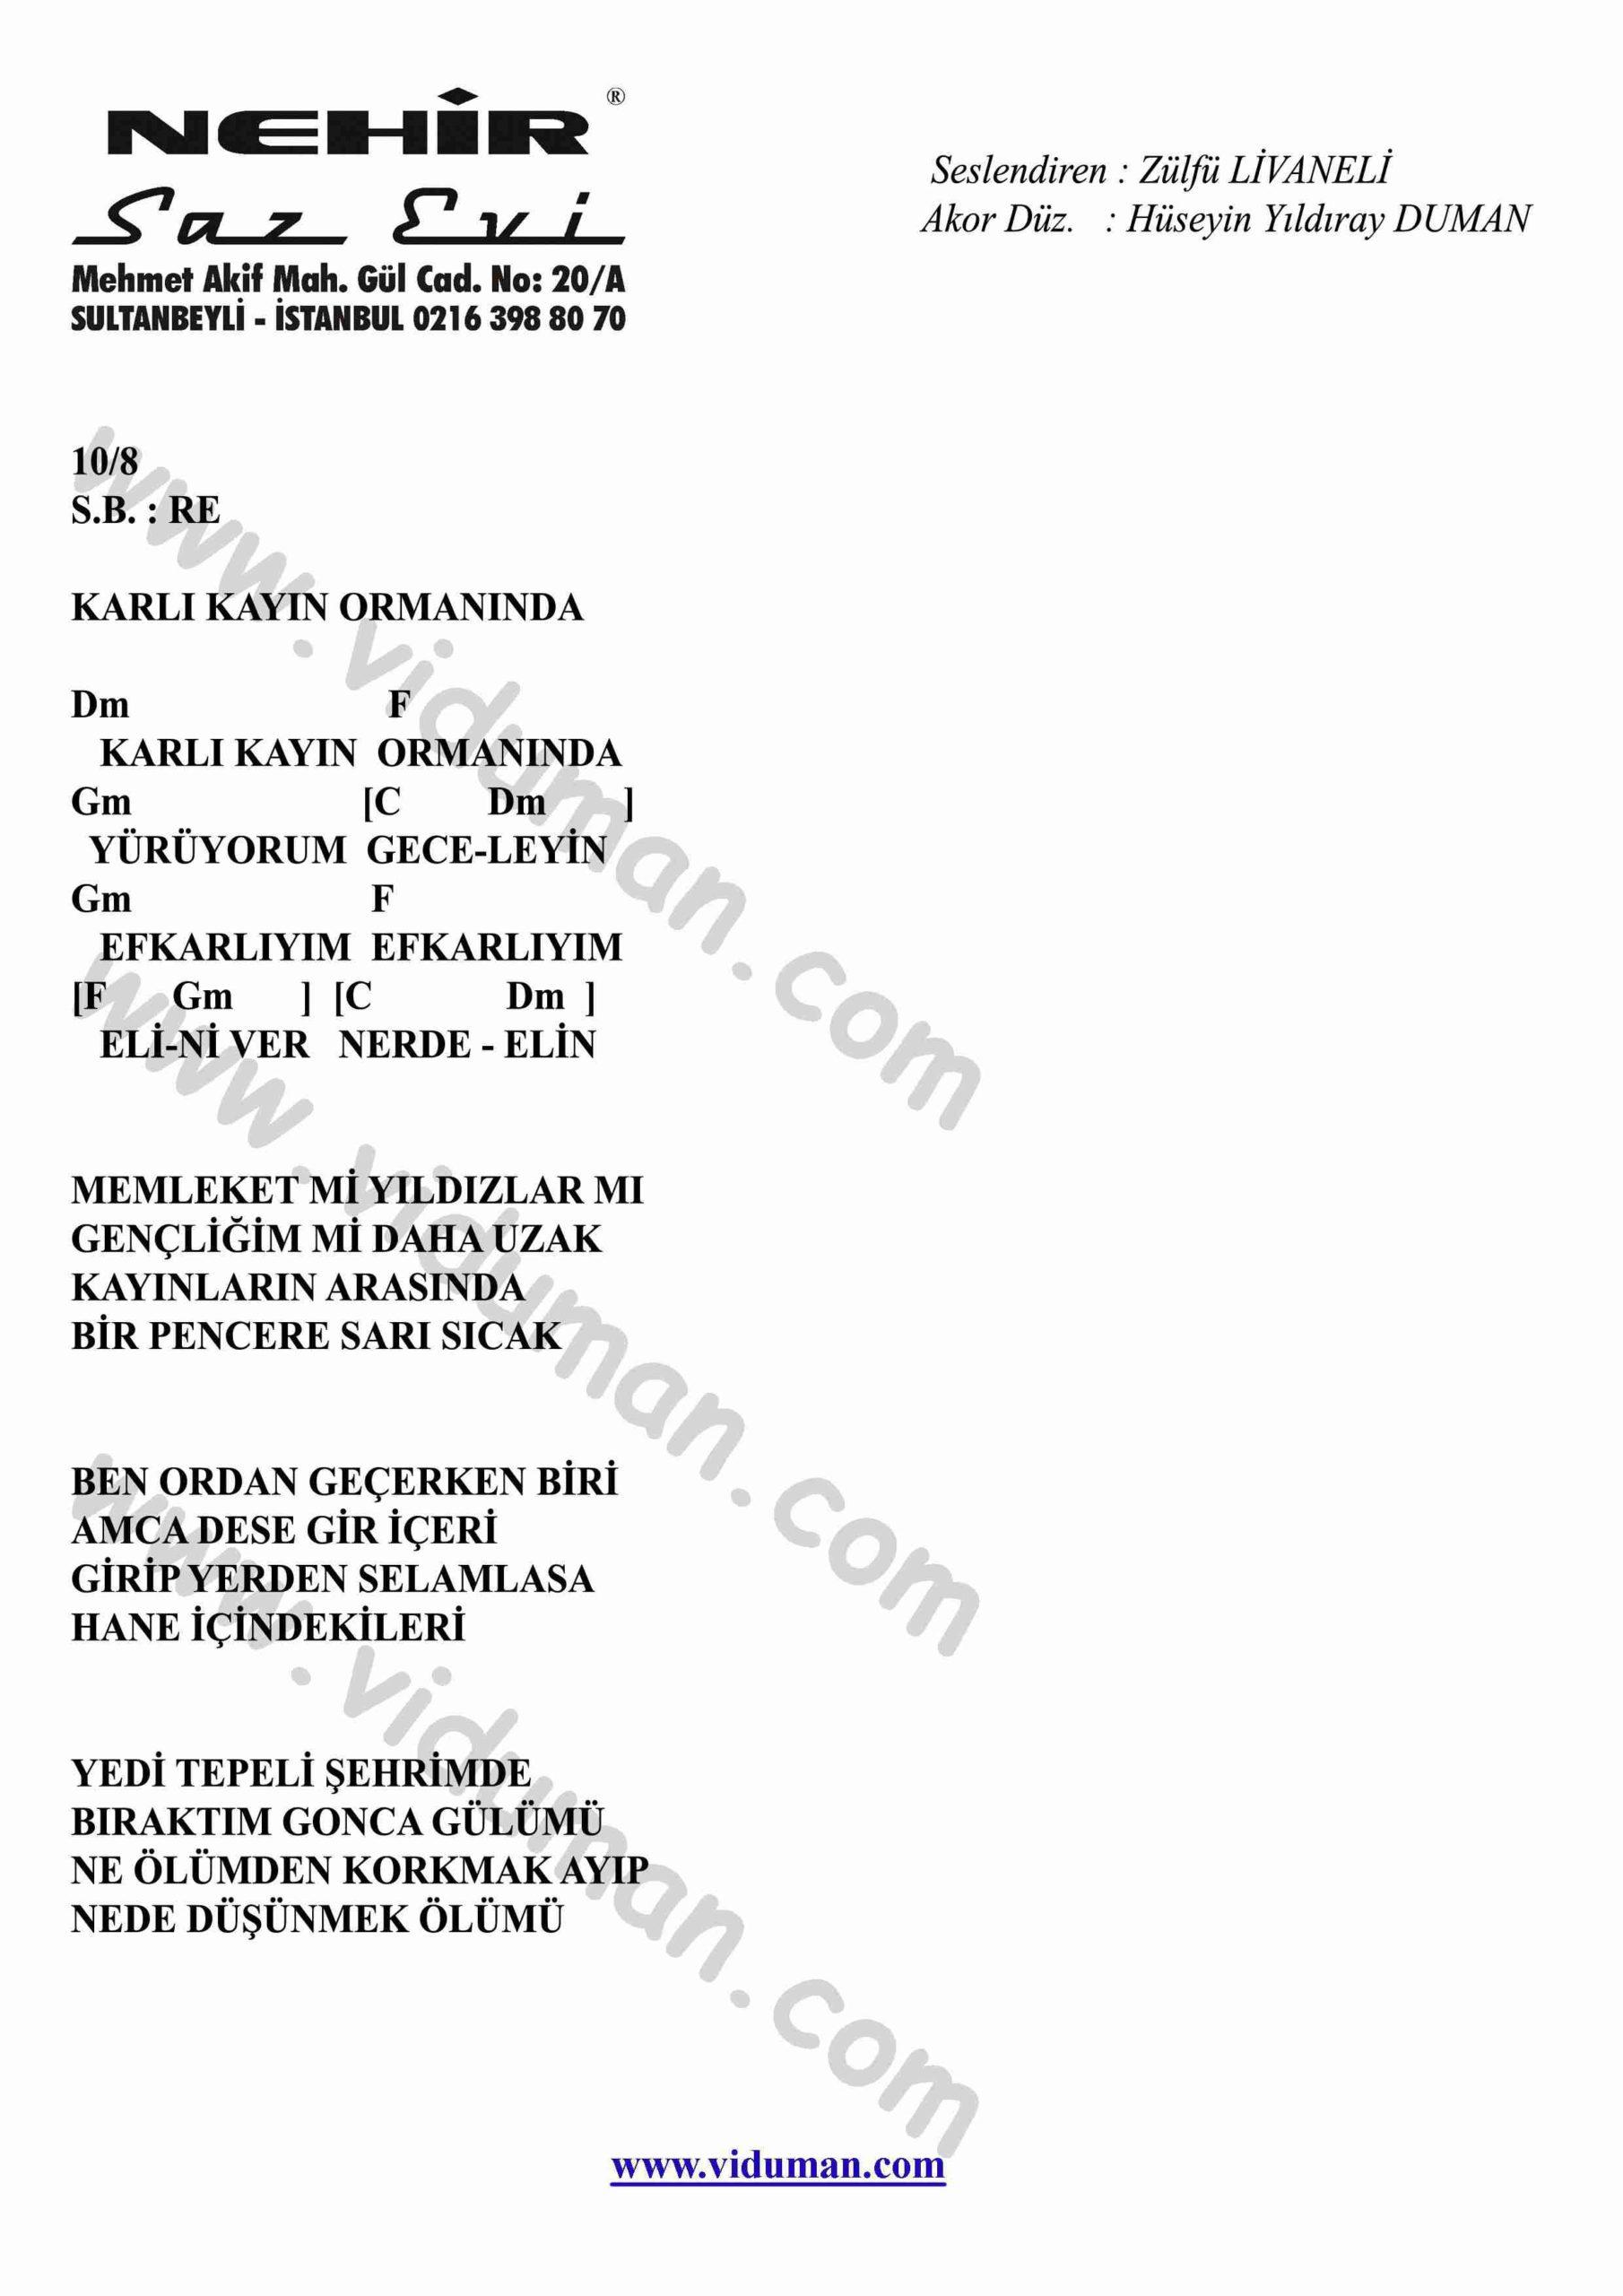 Karli Kayin Ormaninda-Gitar-Ritim-Akorlari